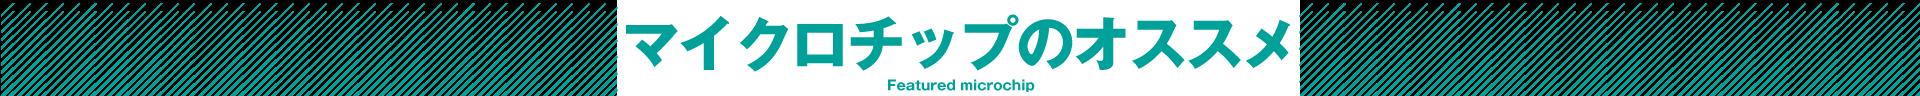 マイクロチップのオススメ